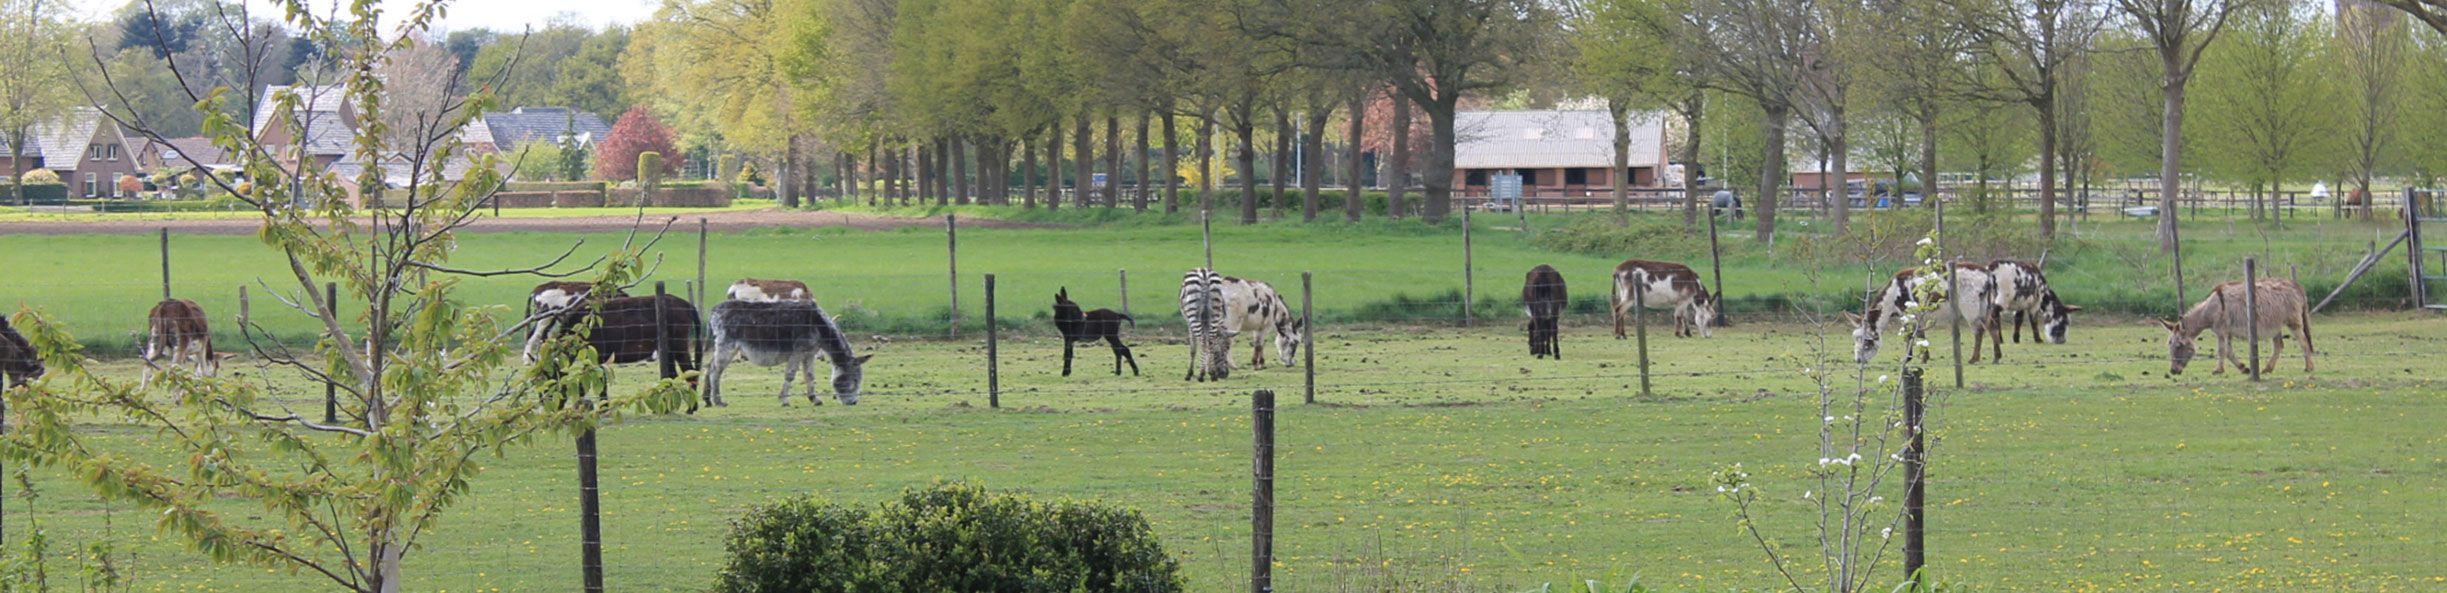 http://www.demettemaat.nl/uploads/images/header/lenteuitzicht.jpg